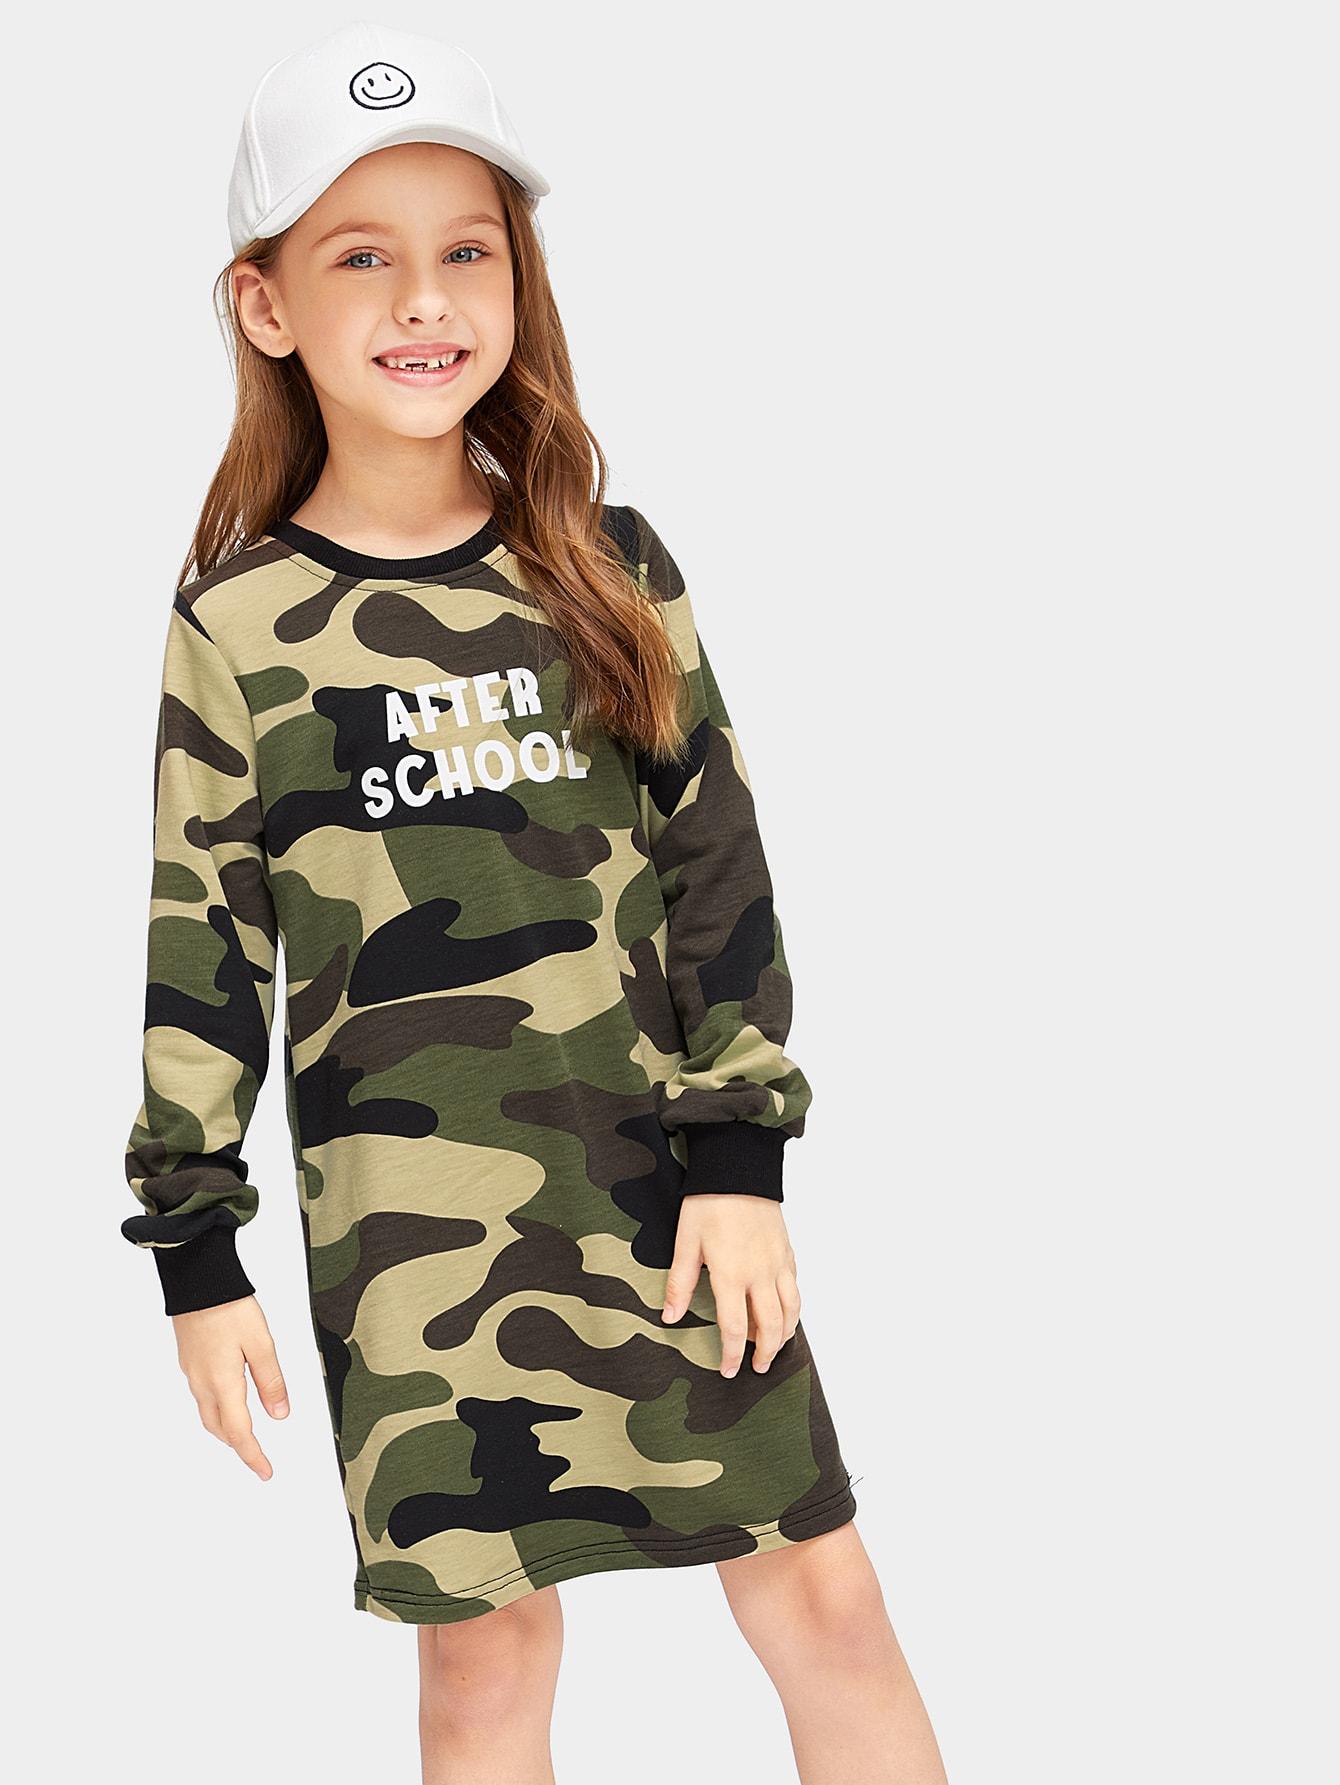 Купить Камуфляжное платье с текстовым принтом для девочек, Masha. P, SheIn